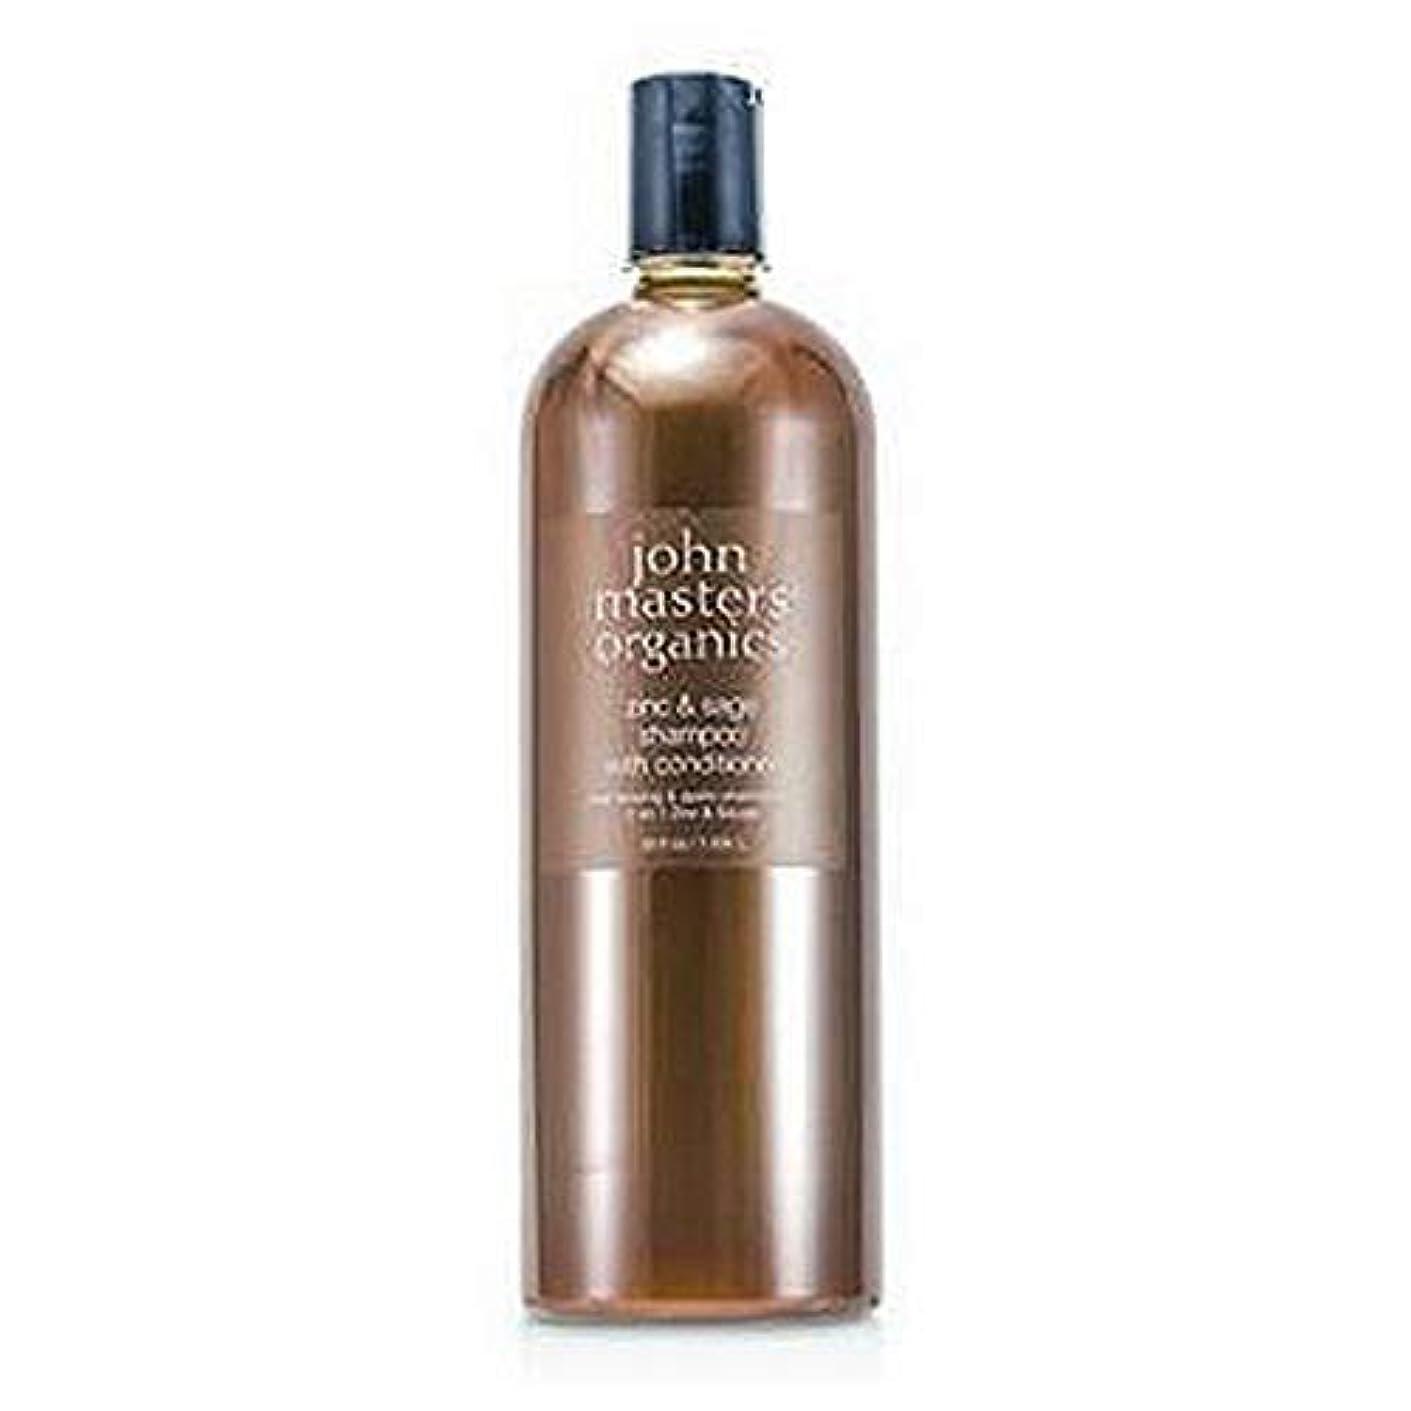 もっともらしい同化宝ジョンマスターオーガニック Z&Sコンディショニングシャンプー(ジン&セージ) 1004ml/35oz